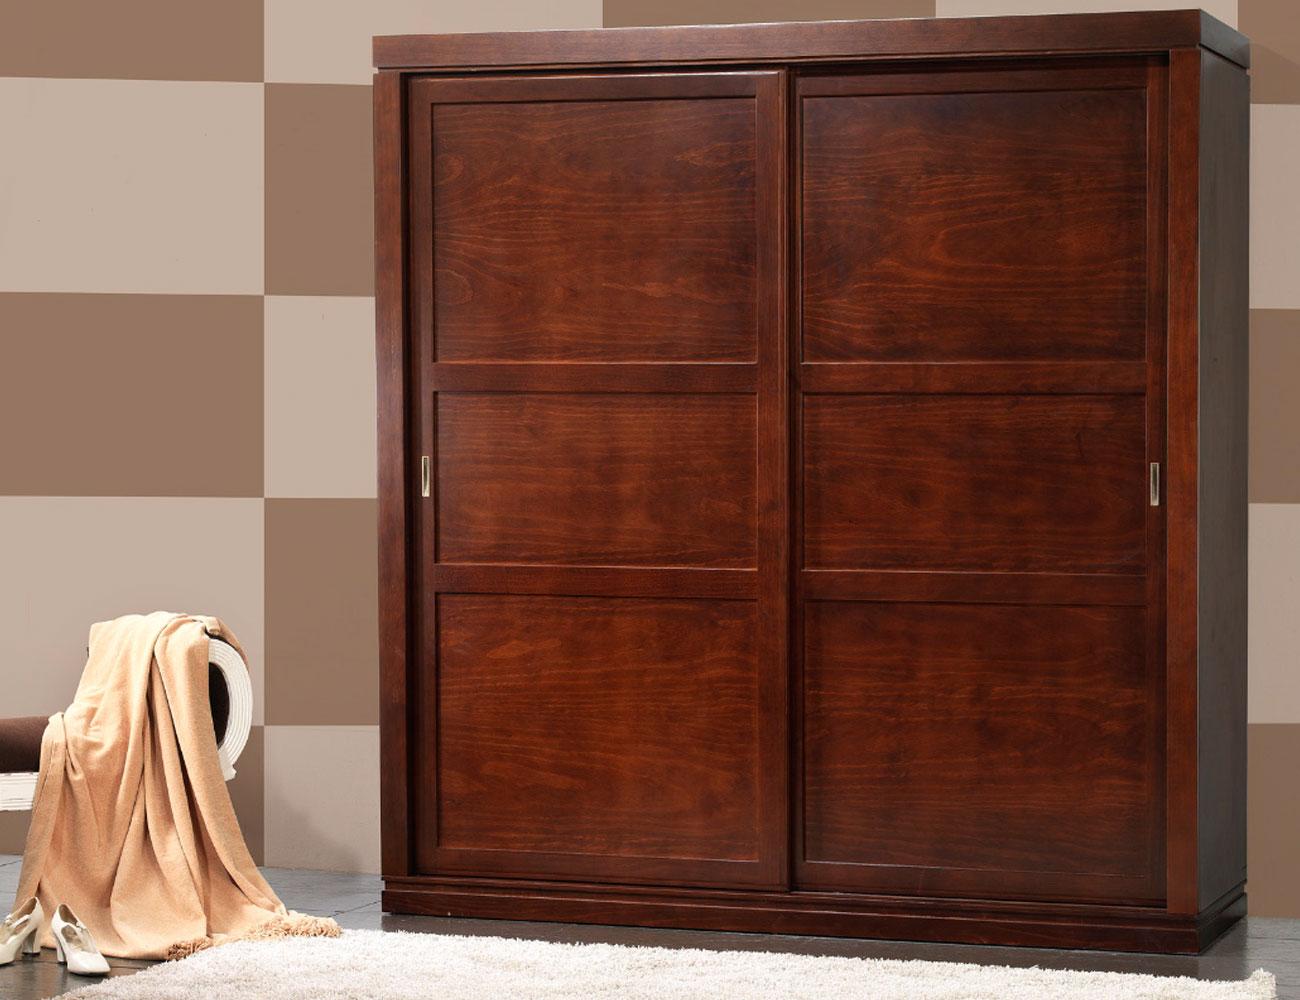 H 20 armario puertas corredera madera1